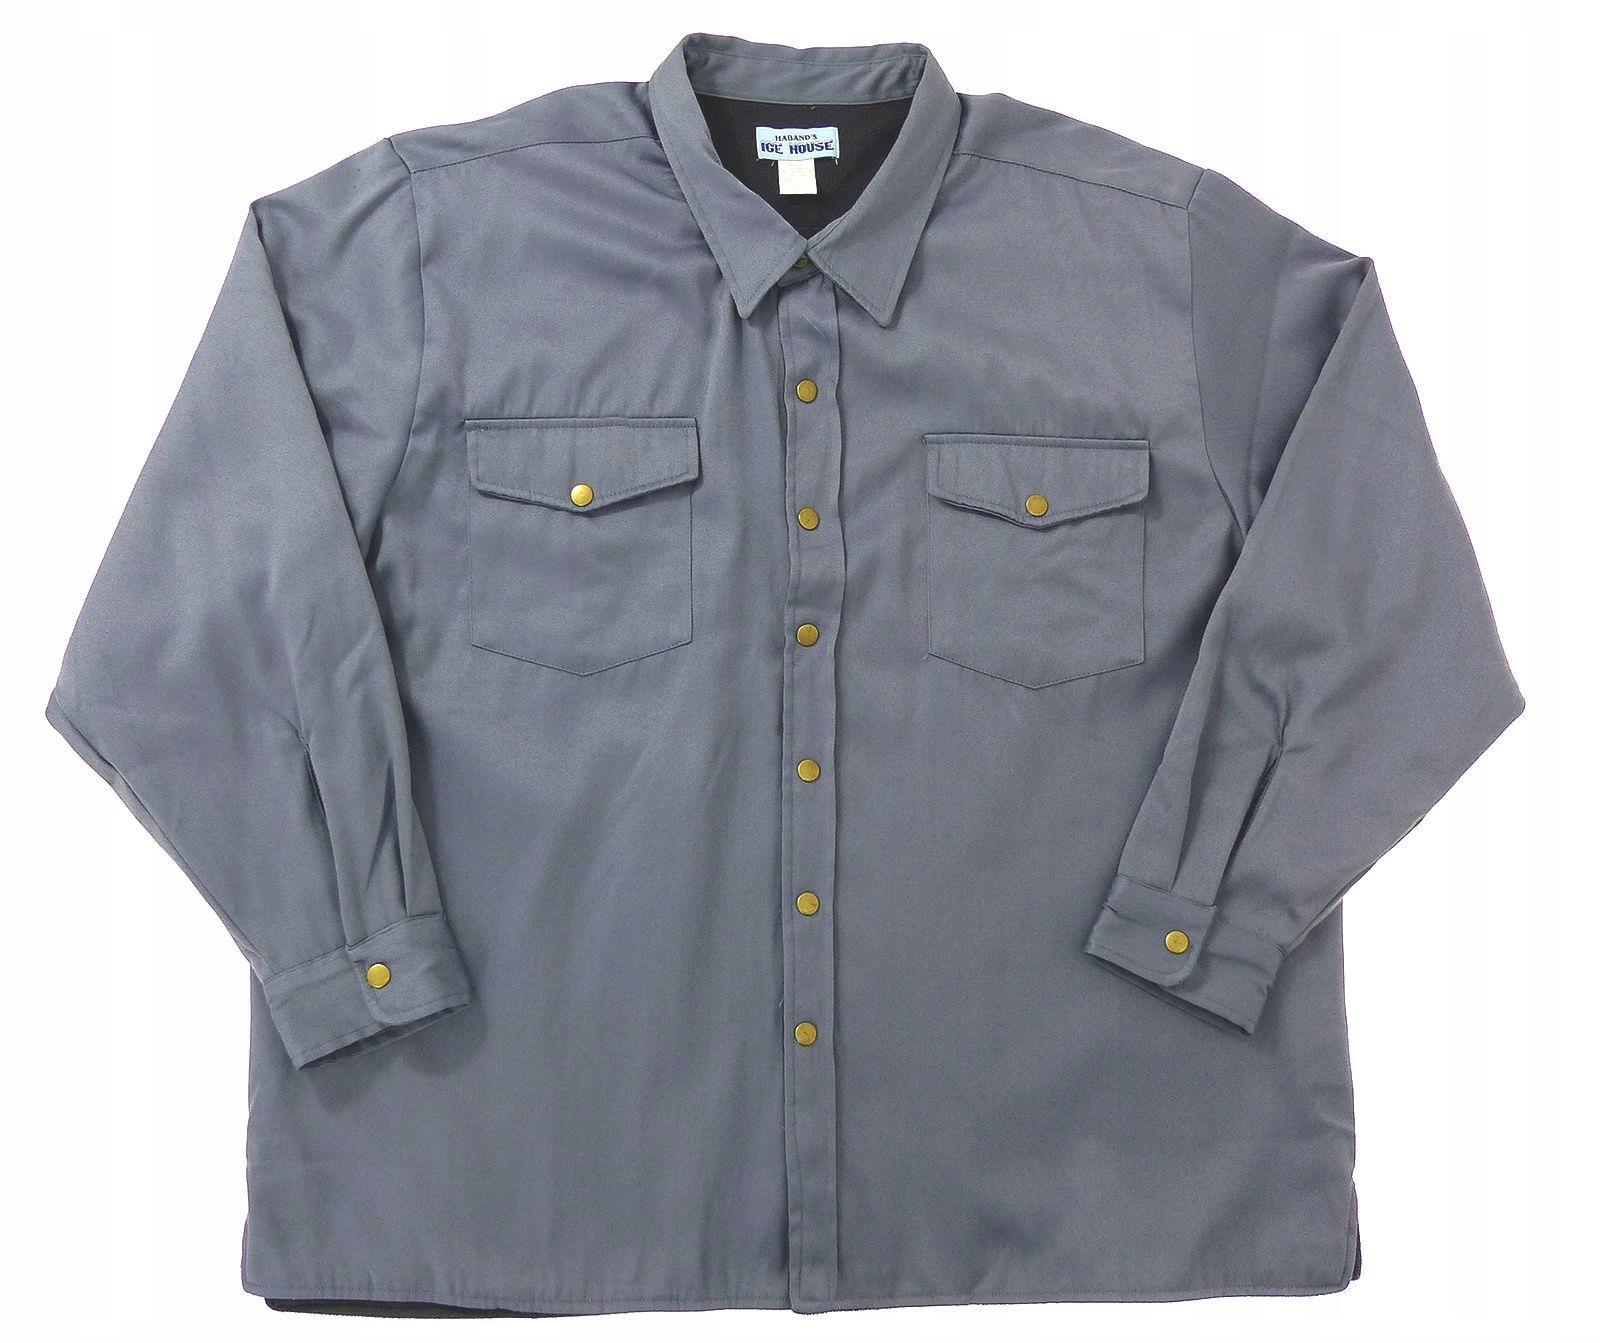 b8fc92befb278 Oficjalne 7227774503 Klatka Duża Haband's 140cm Koszula 2xl Usa 7Uwpqg